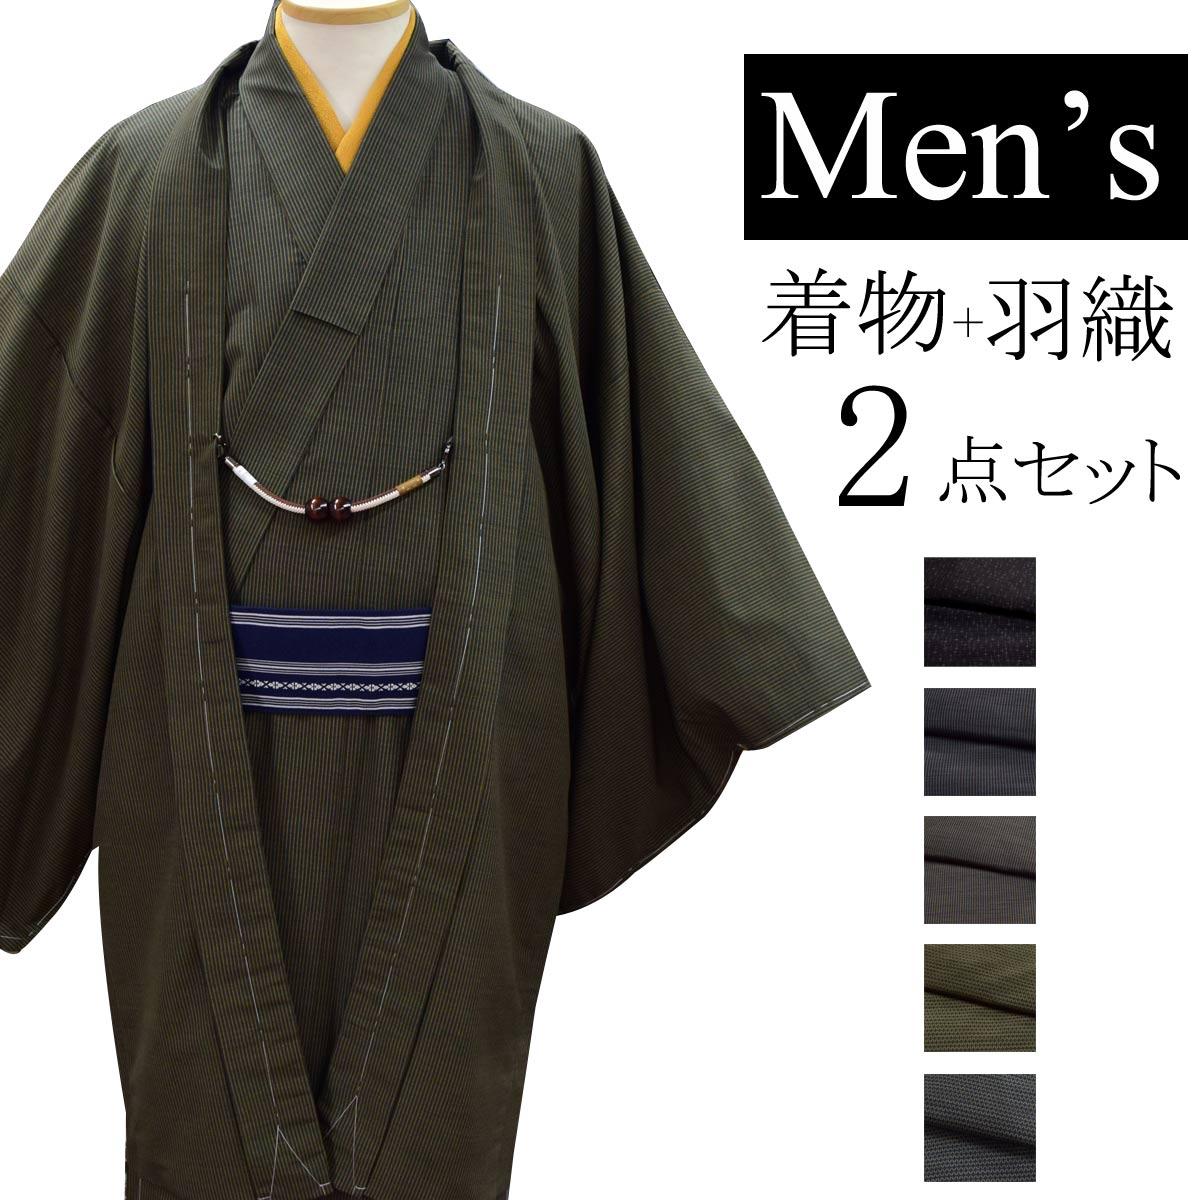 【紳士】アンサンブルセット【 着物 + 羽織 】【メンズ】【男】【Lサイズ】【4色】番号d1007-200